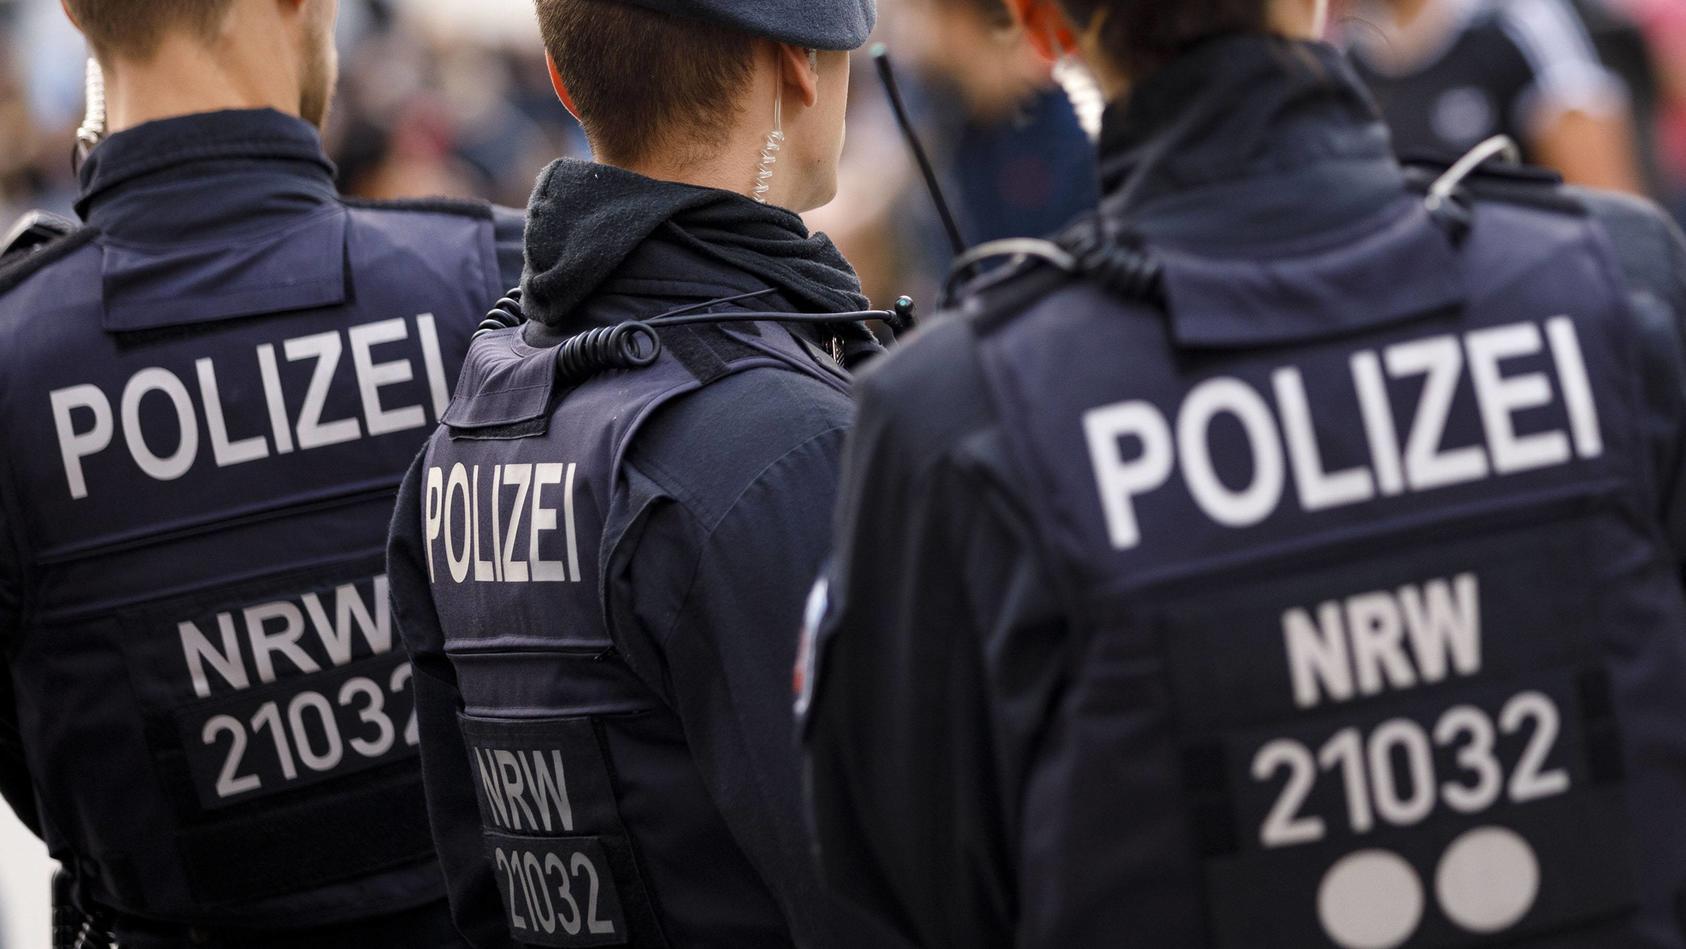 Mitten in der Kölner Innenstadt wurde am Freitagabend ein 25-jähriger Mann niedergestochen.